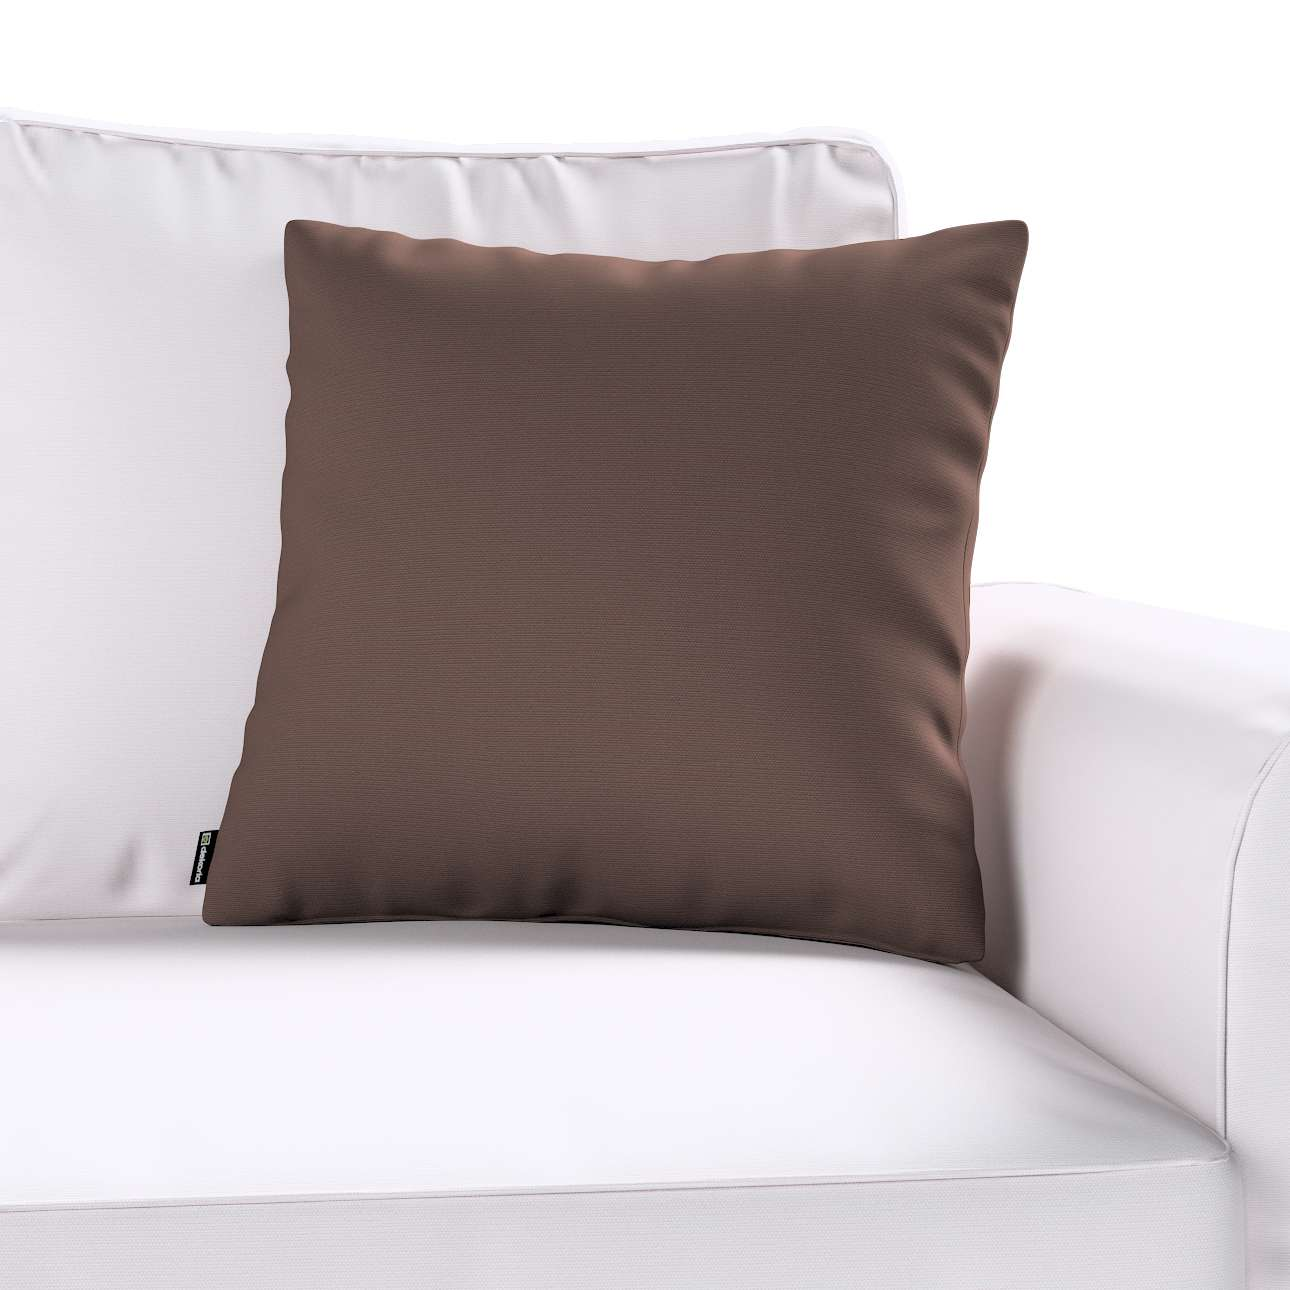 Kinga dekoratyvinės pagalvėlės užvalkalas 43 x 43 cm kolekcijoje Cotton Panama, audinys: 702-03